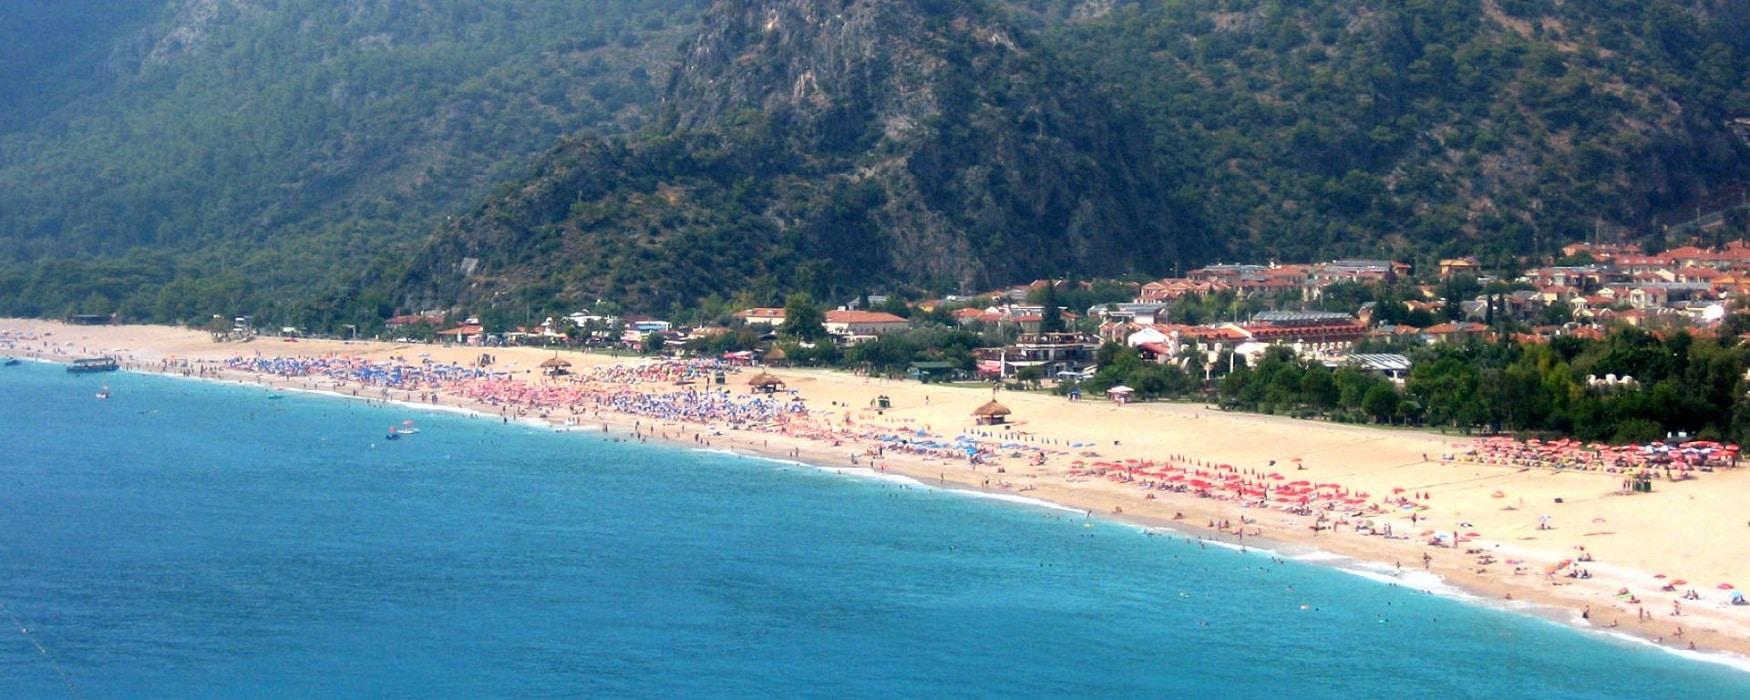 Plaja Patara - Una dintre cele mai întinse plaje din regiunea mediterană